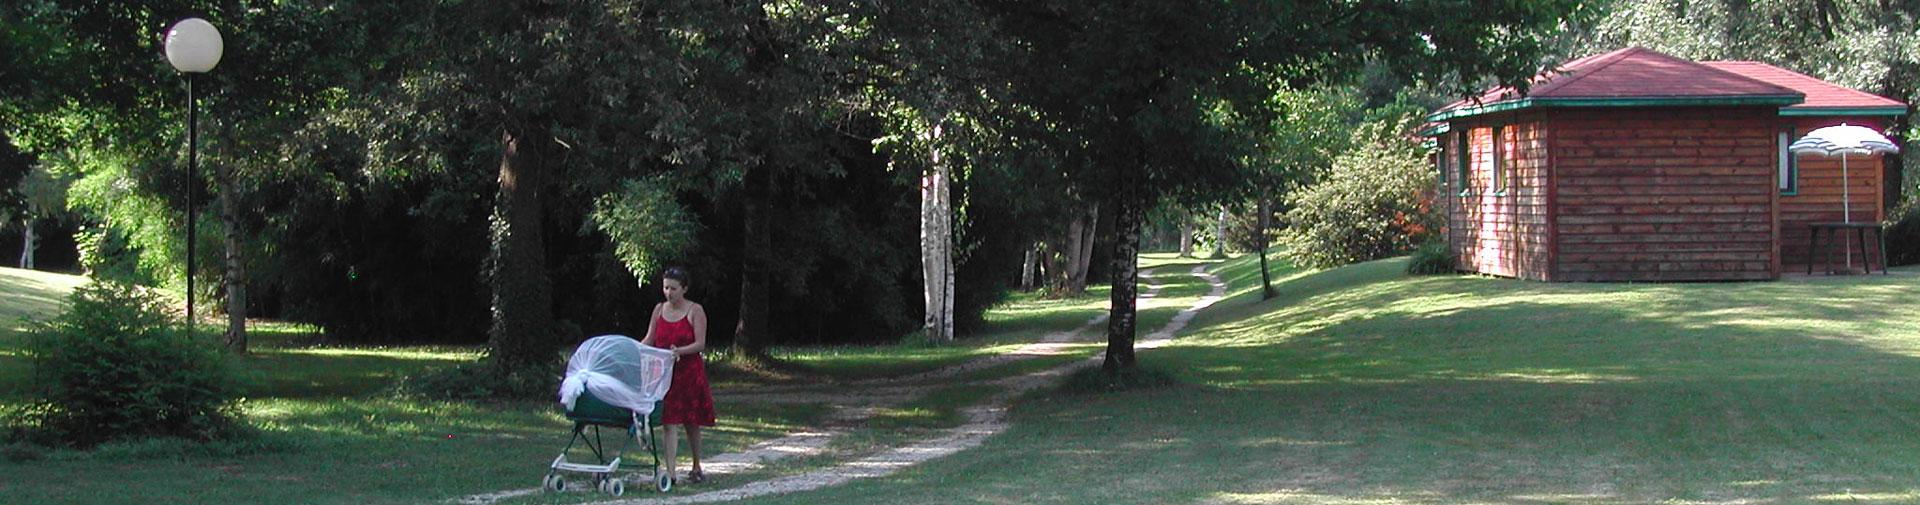 le-parc-mirandol-vallee-de-la-dordogne